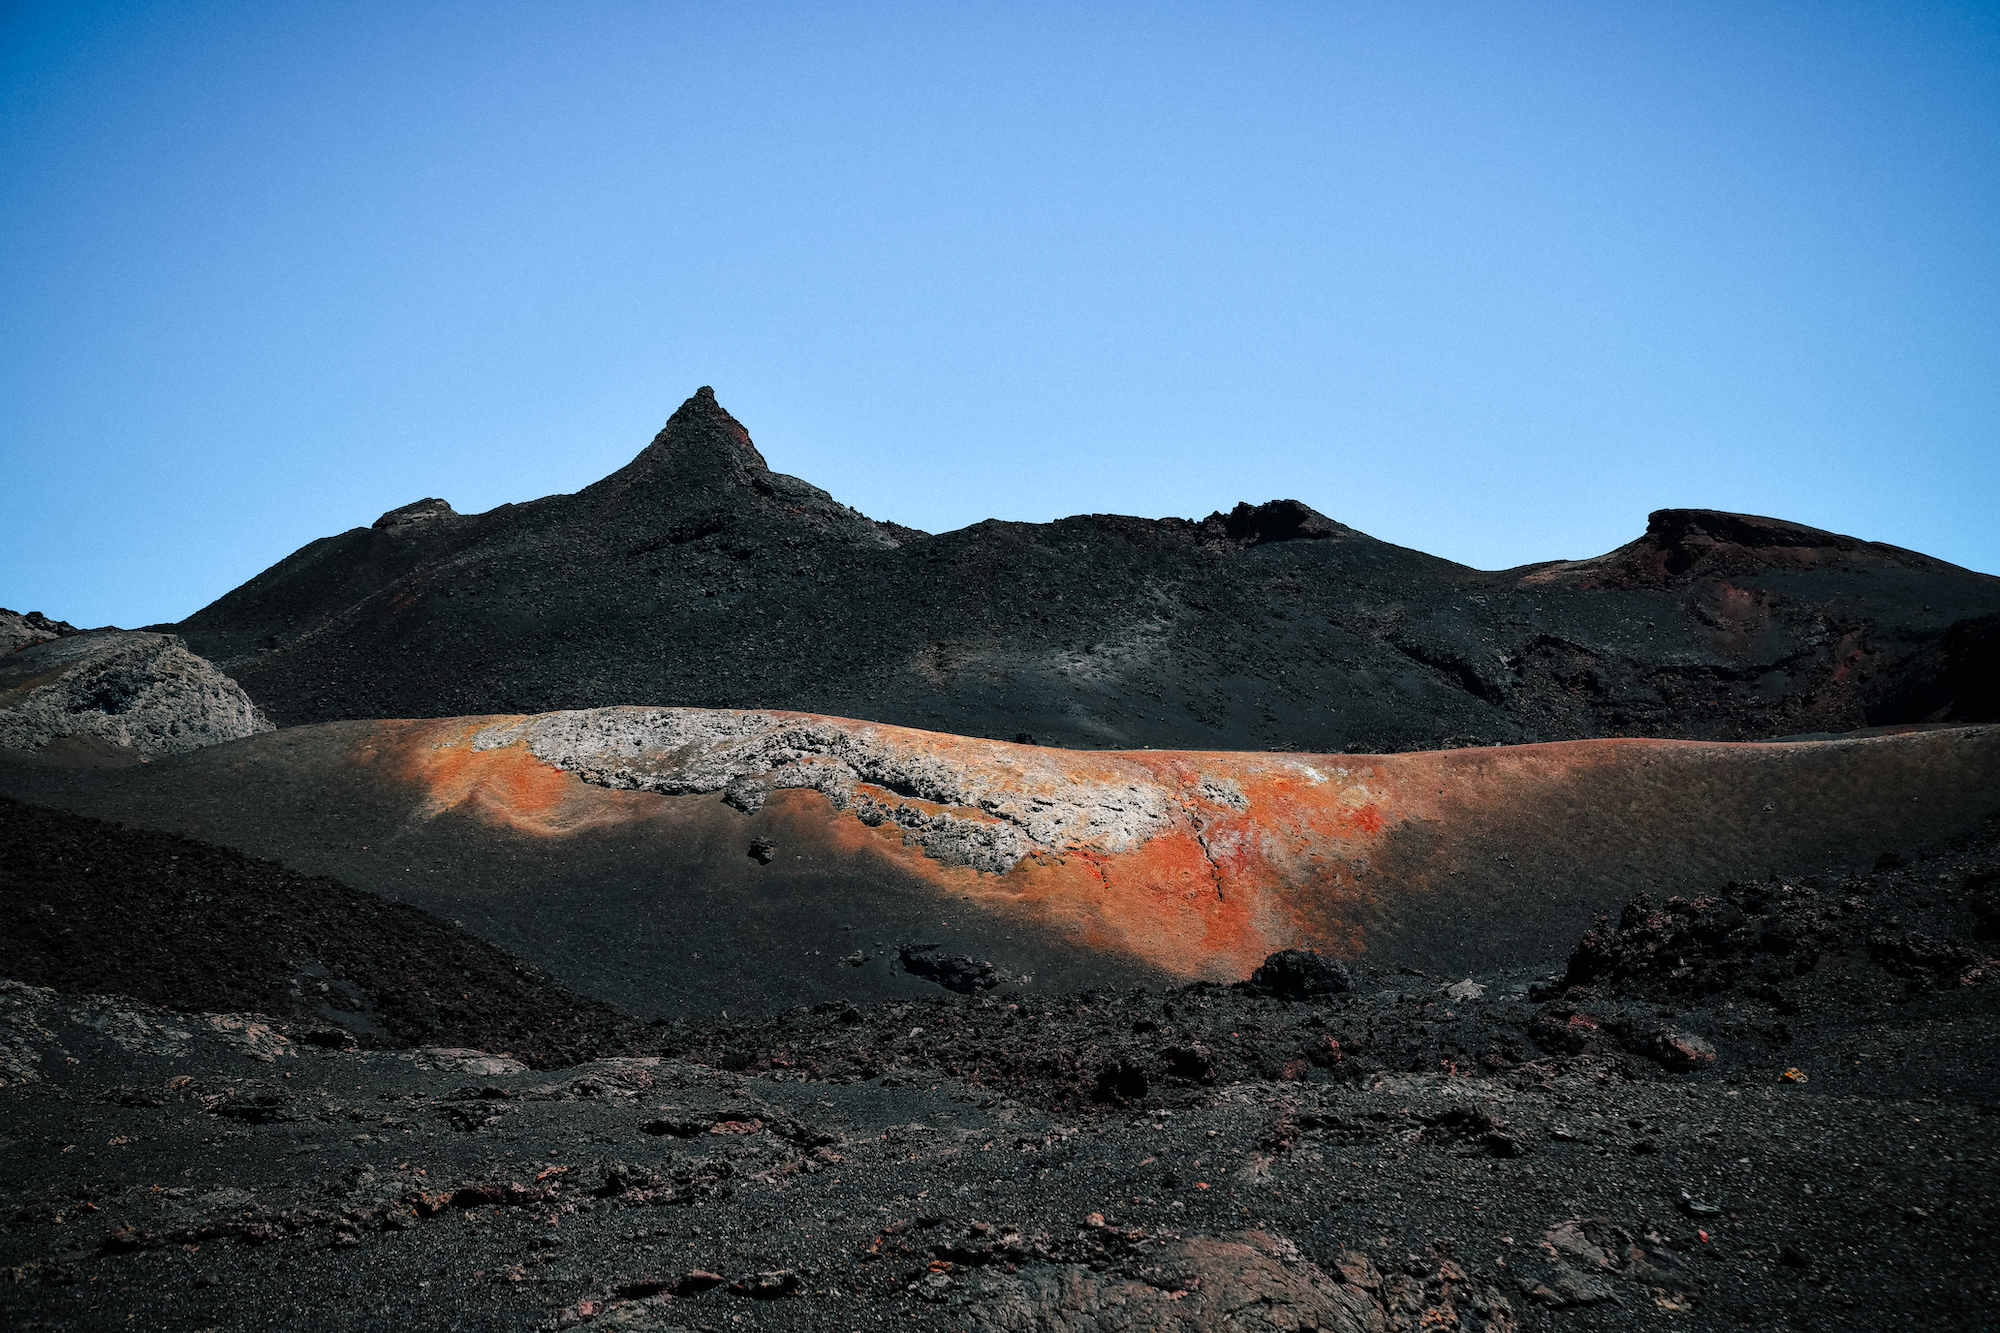 martian-looking landscape in isla isabela